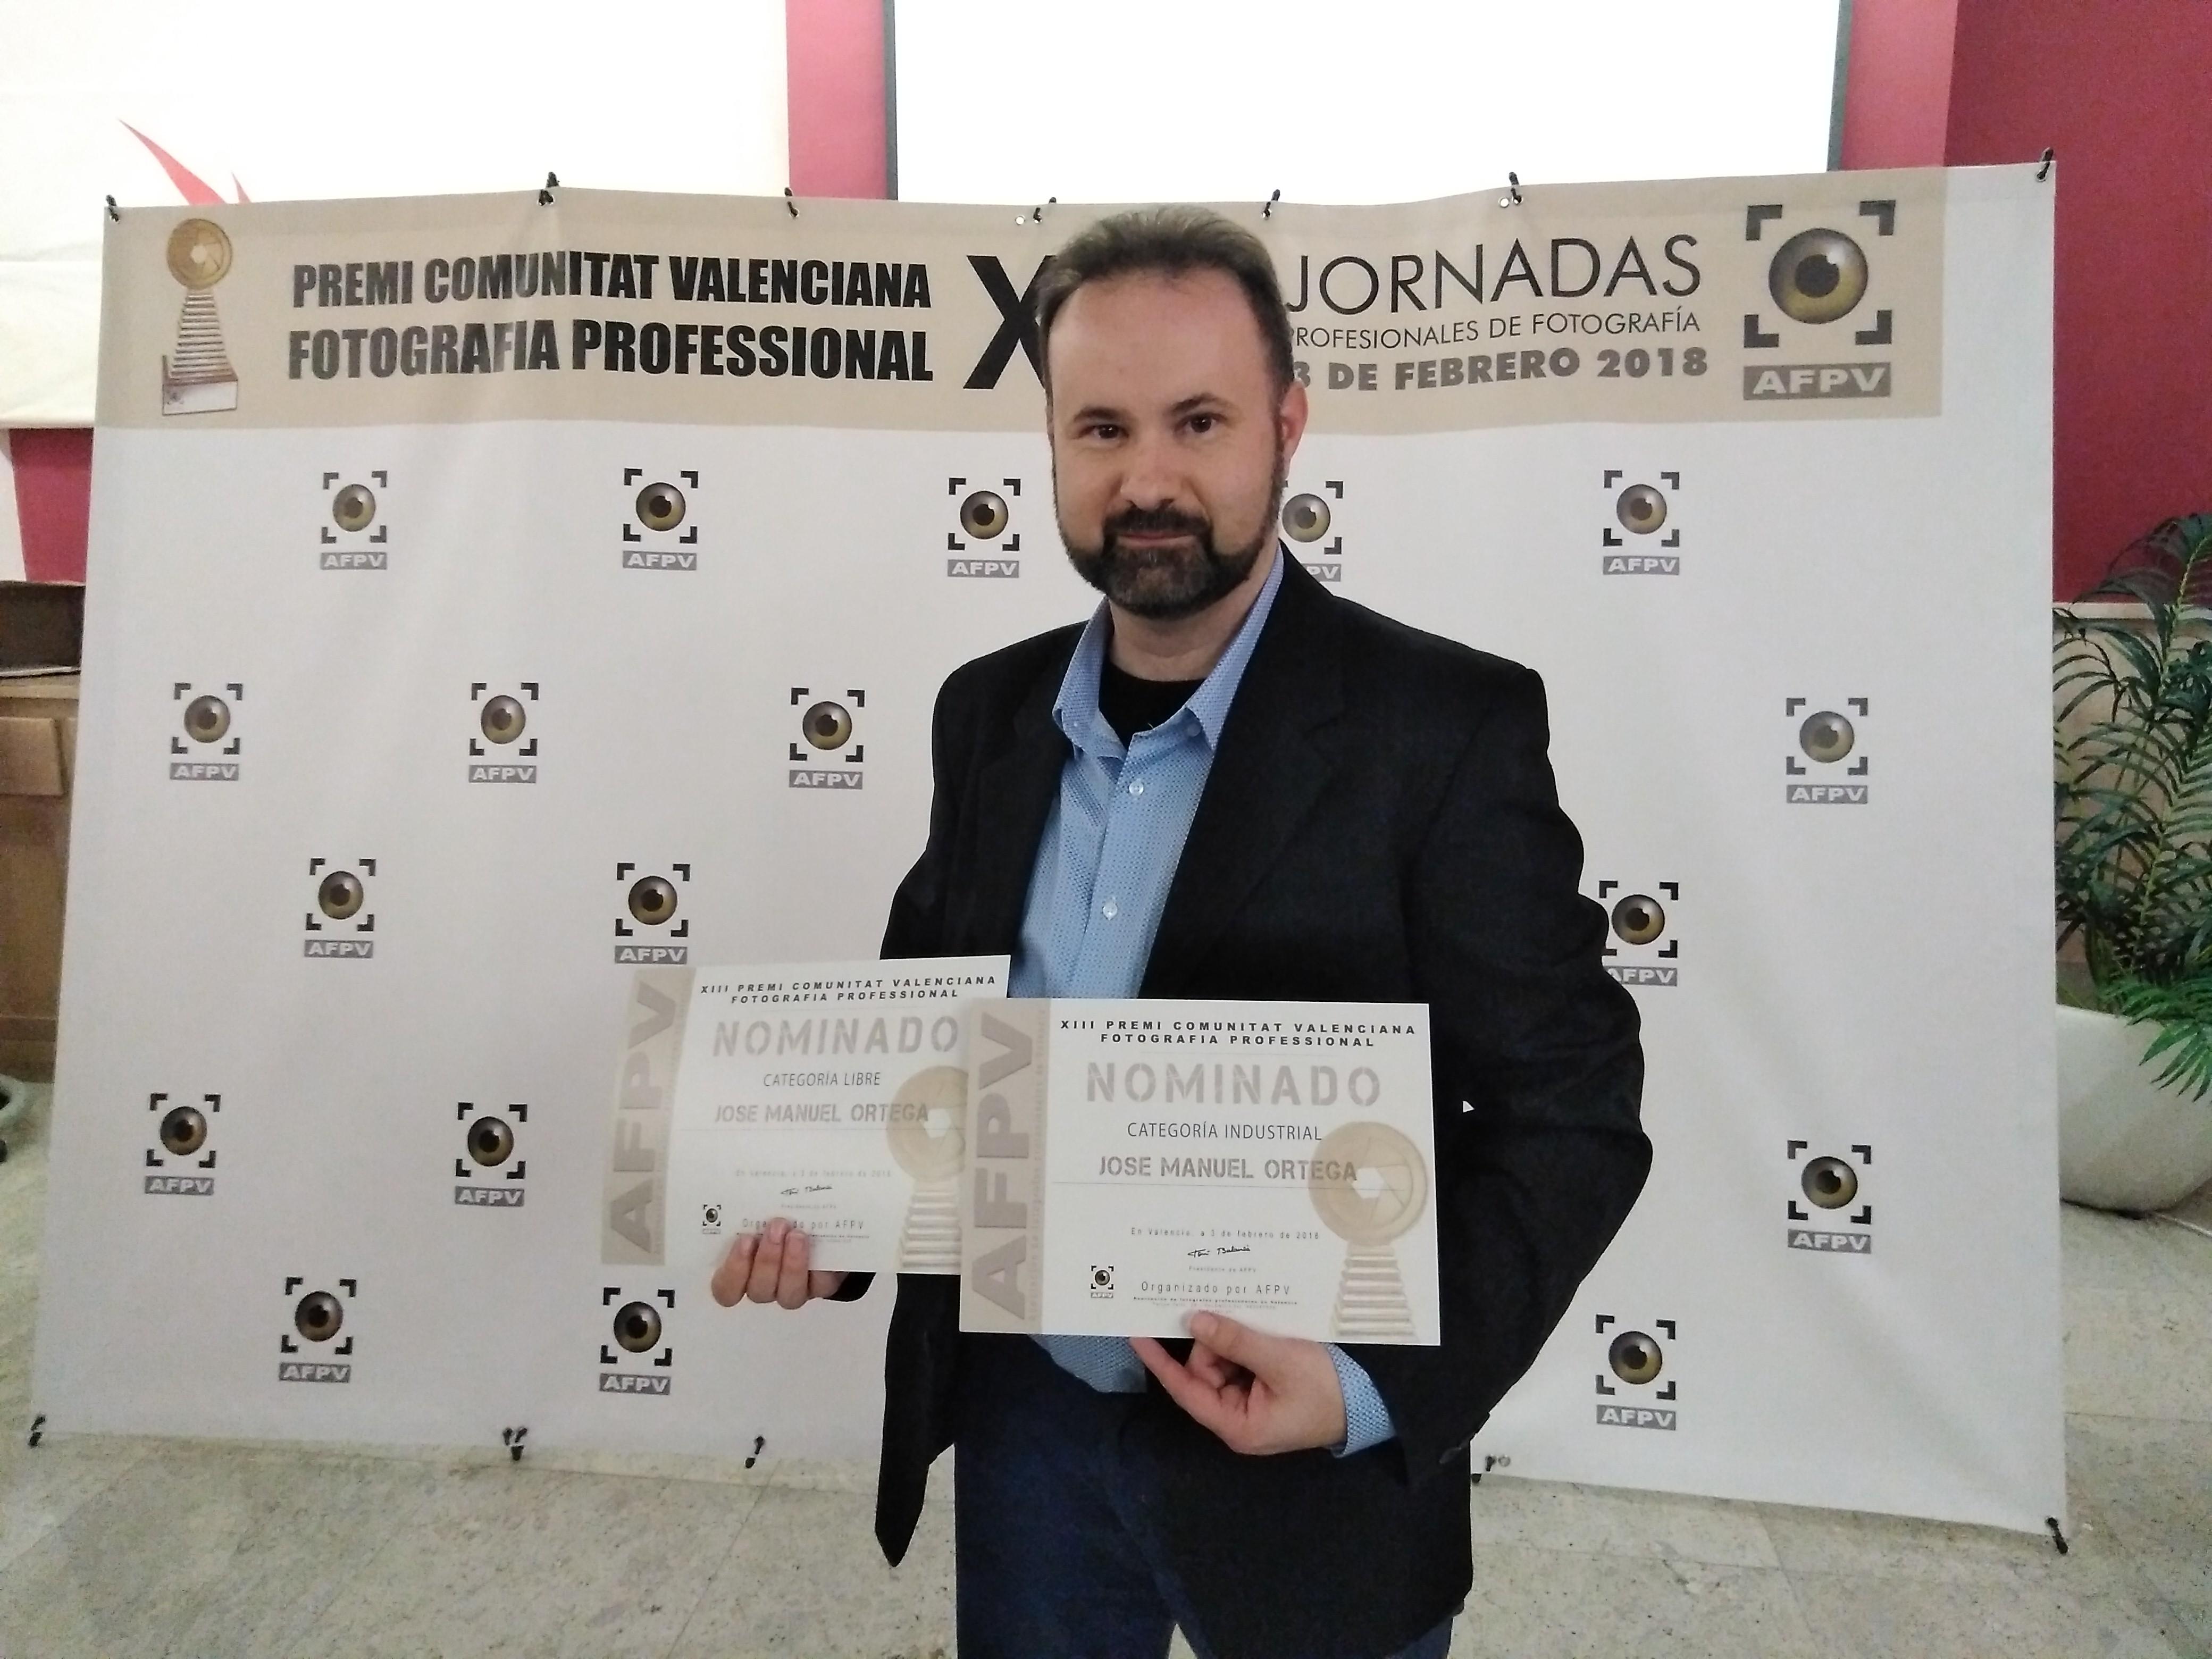 IMG 20180203 195444 941 » Comunión, Industrial y publicitaria., Noticias » José Manuel Ortega Fotógrafo